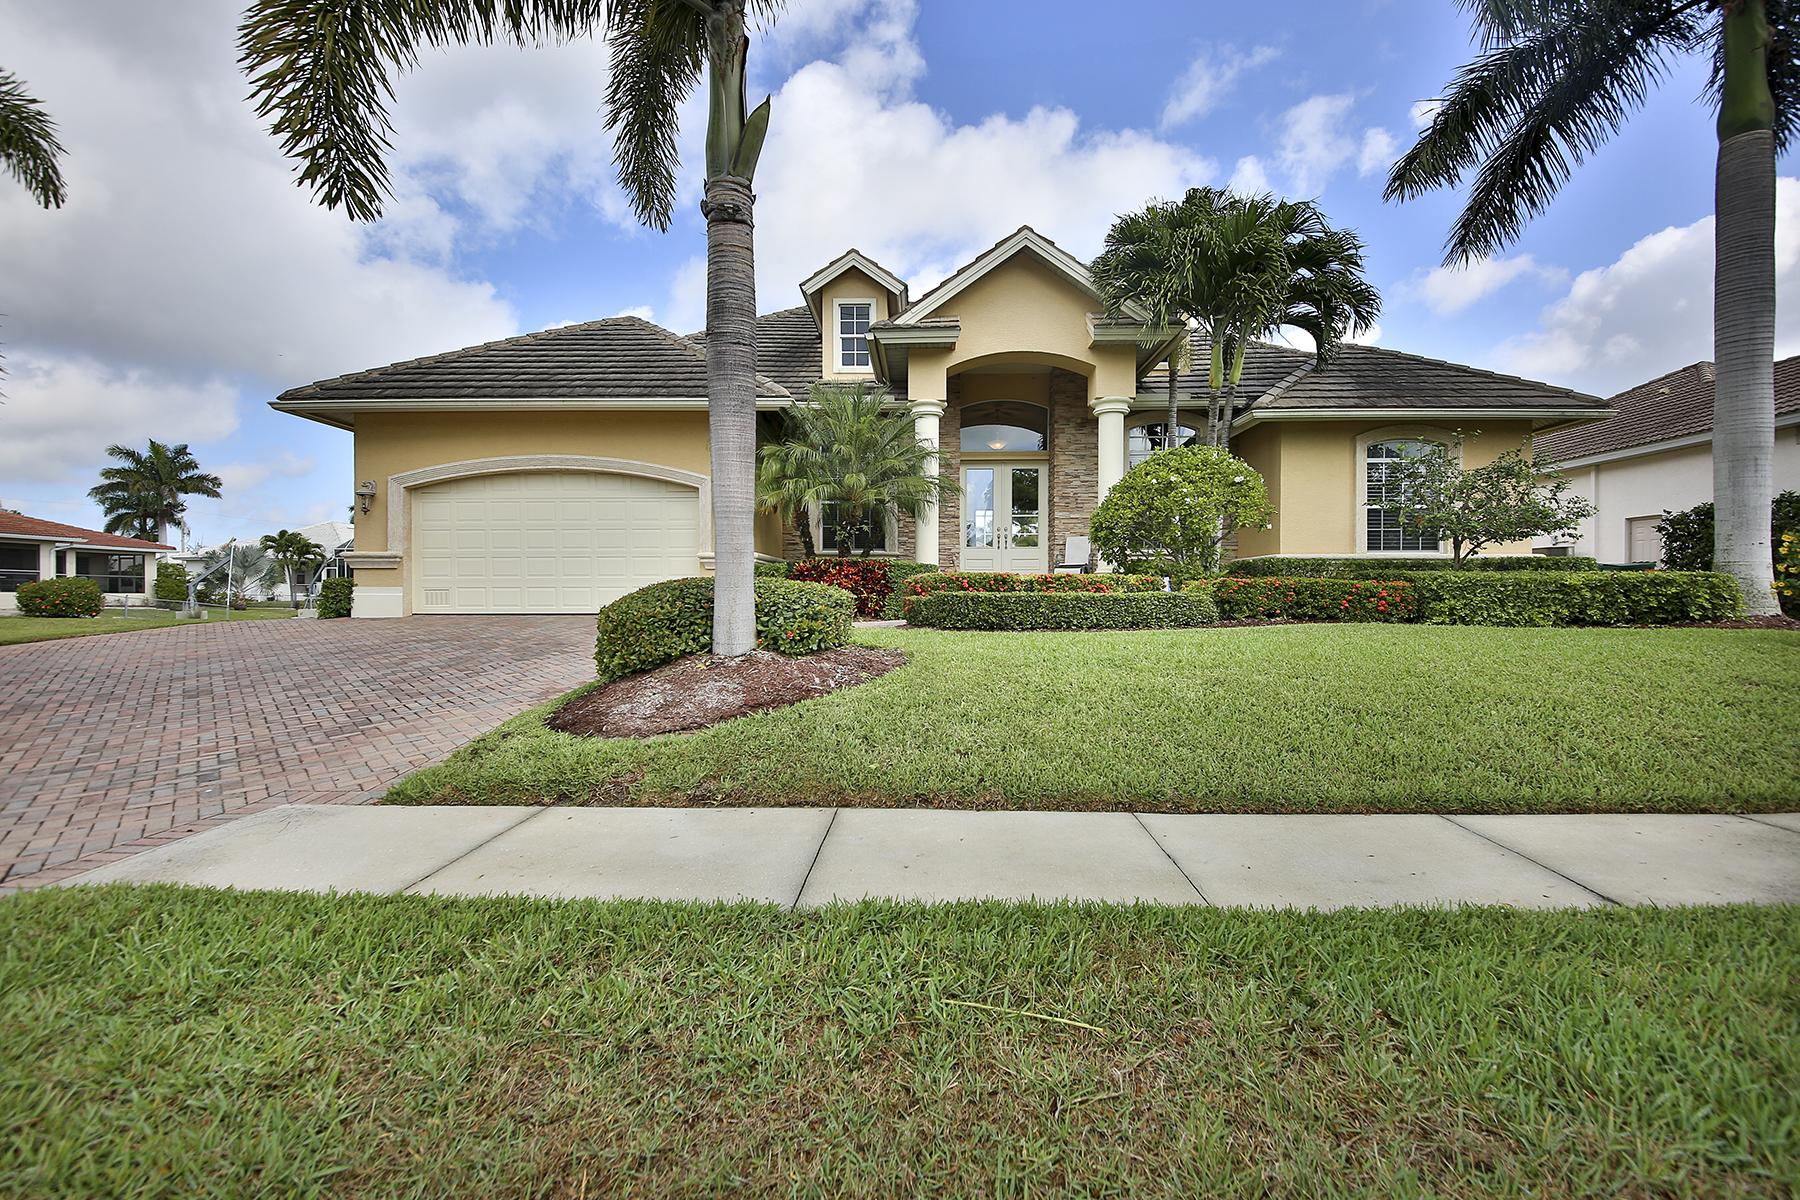 Casa para uma família para Venda às MARCO ISLAND - WINTERBERRY DRIVE 1620 Winterberry Dr Marco Island, Florida 34145 Estados Unidos